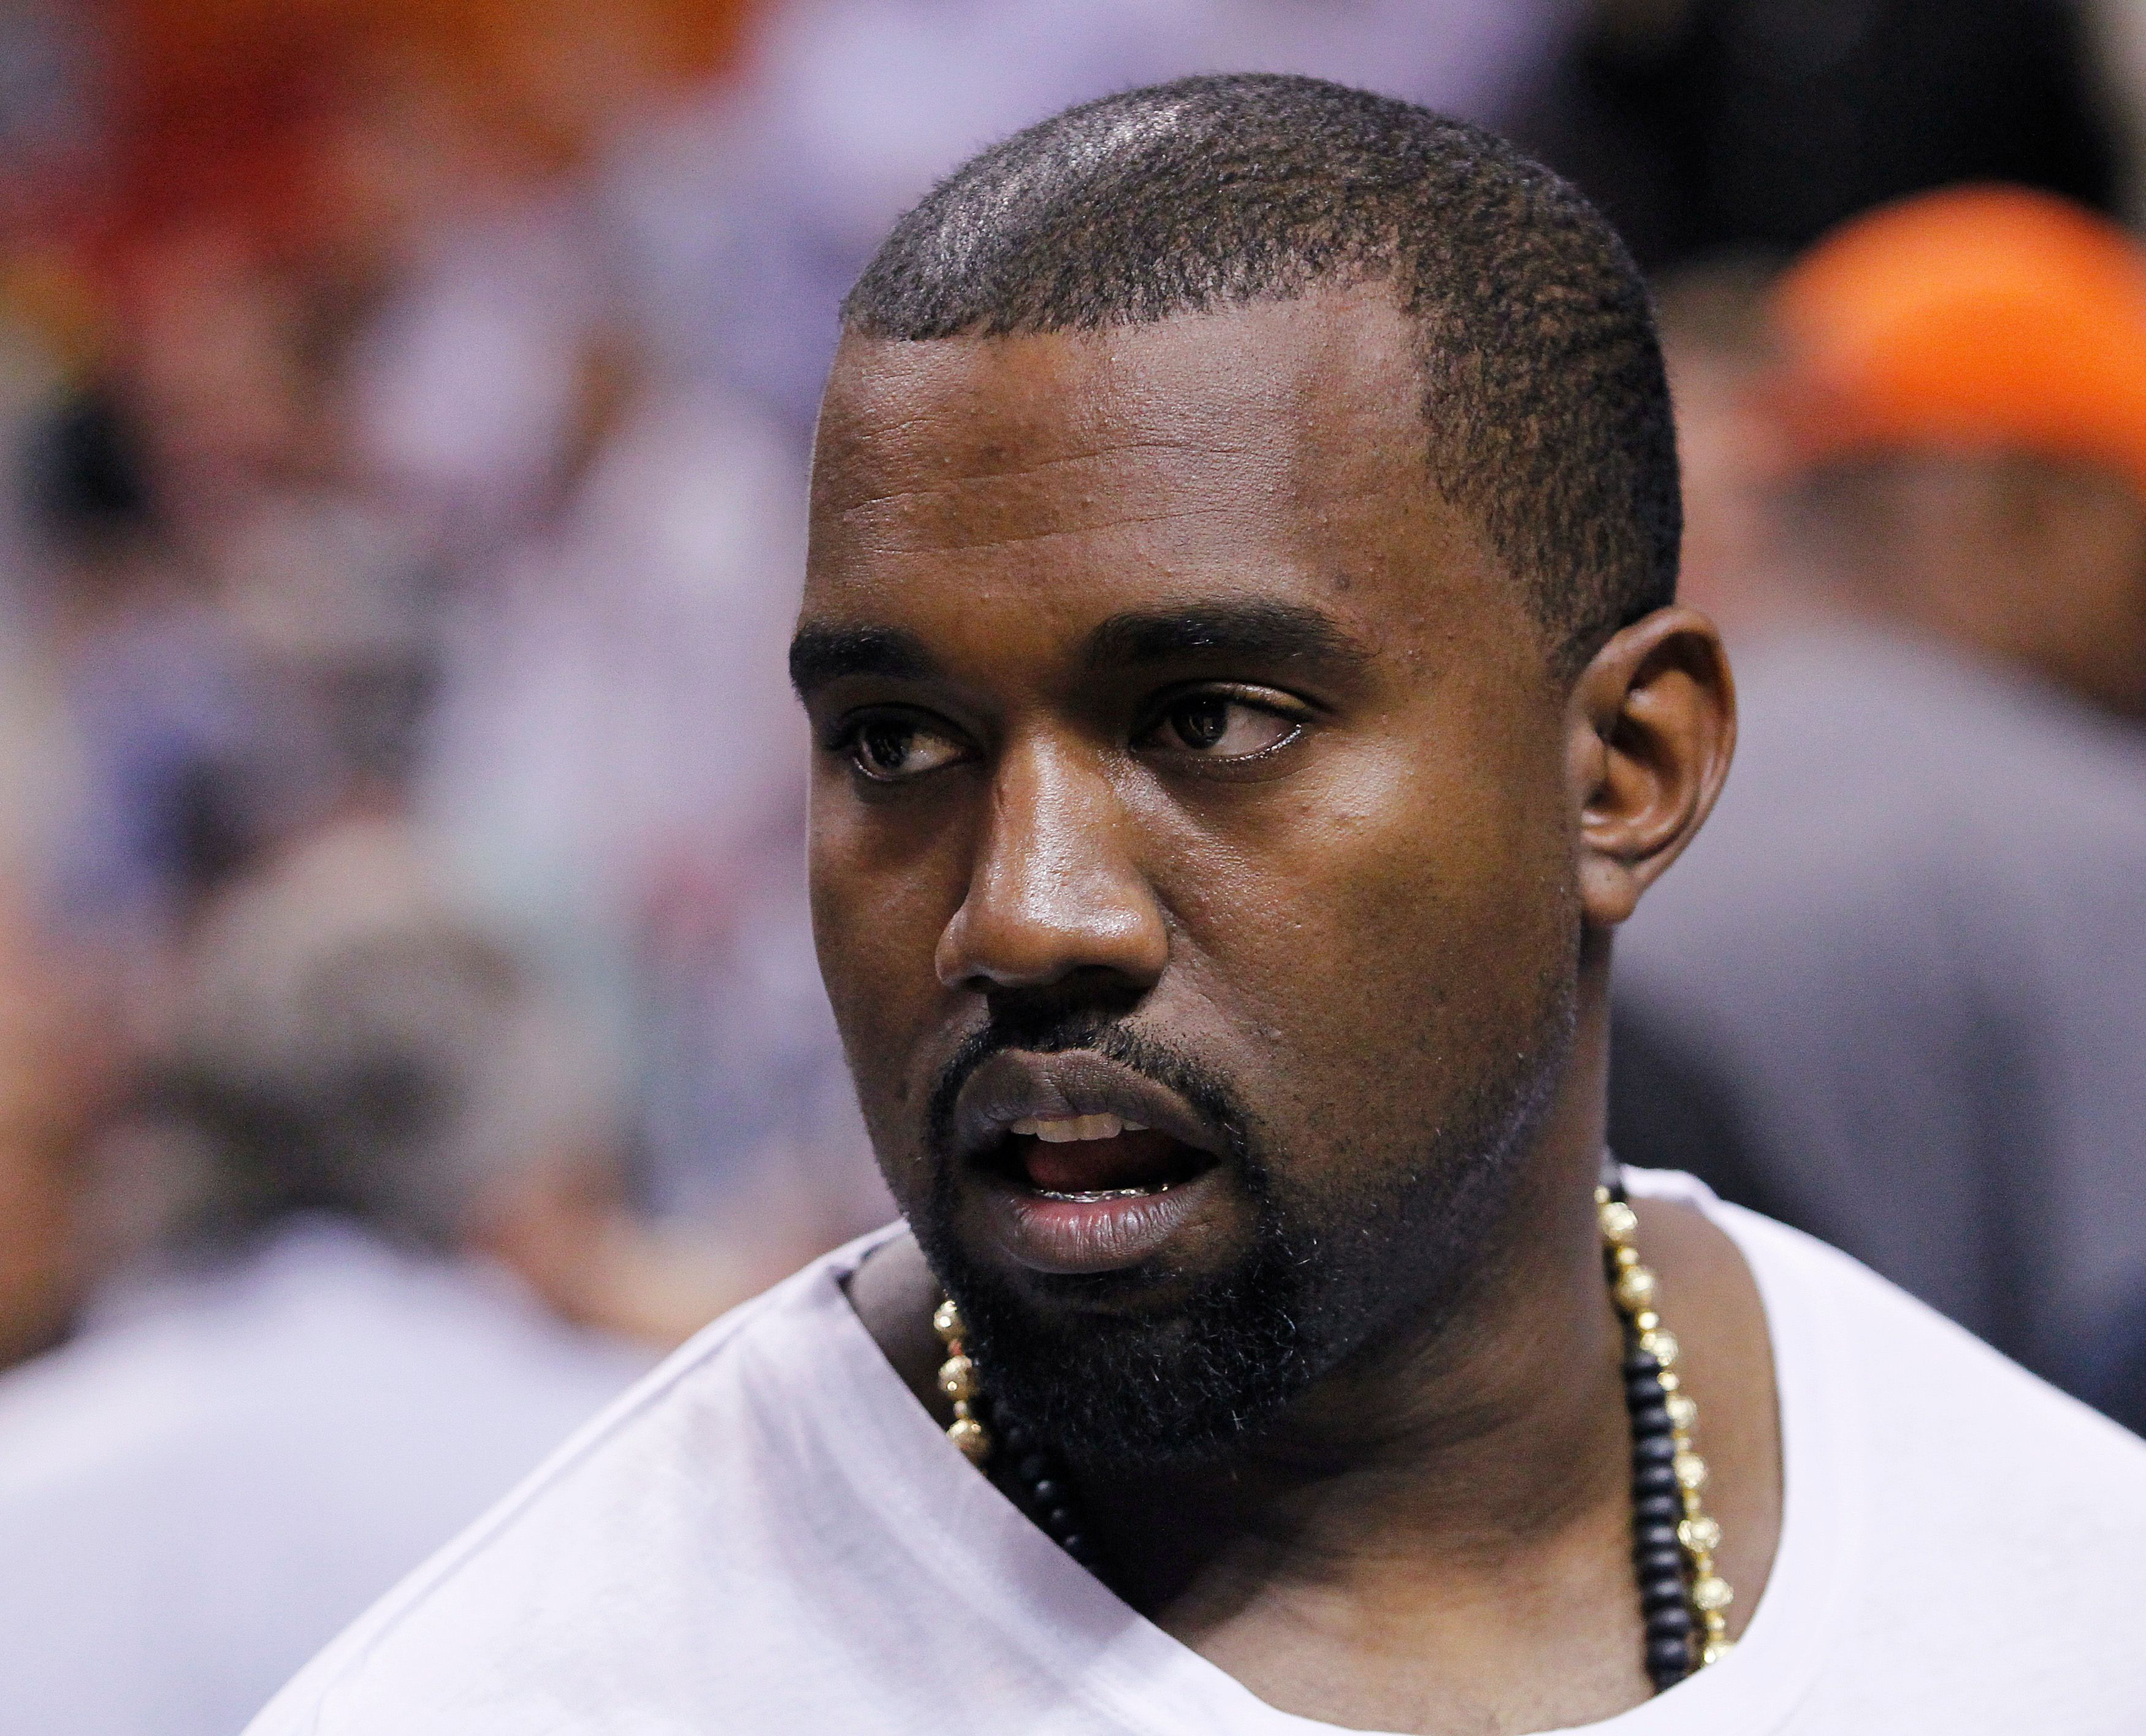 Kanye West déclare avoir 53 millions de dollars de dettes et demande de l'aide à des milliardaires